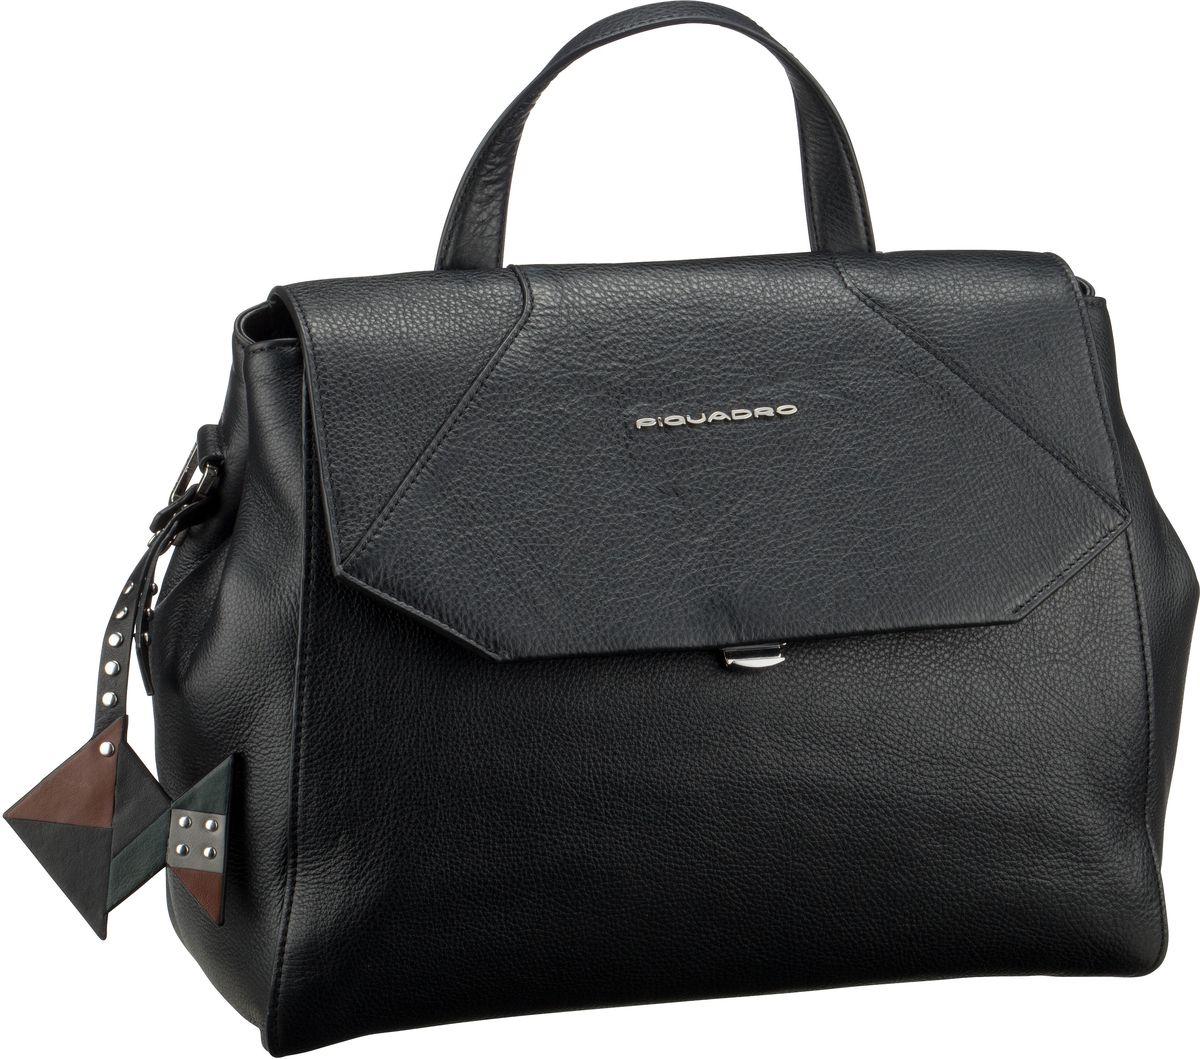 Handtasche Muse 4628 Nero